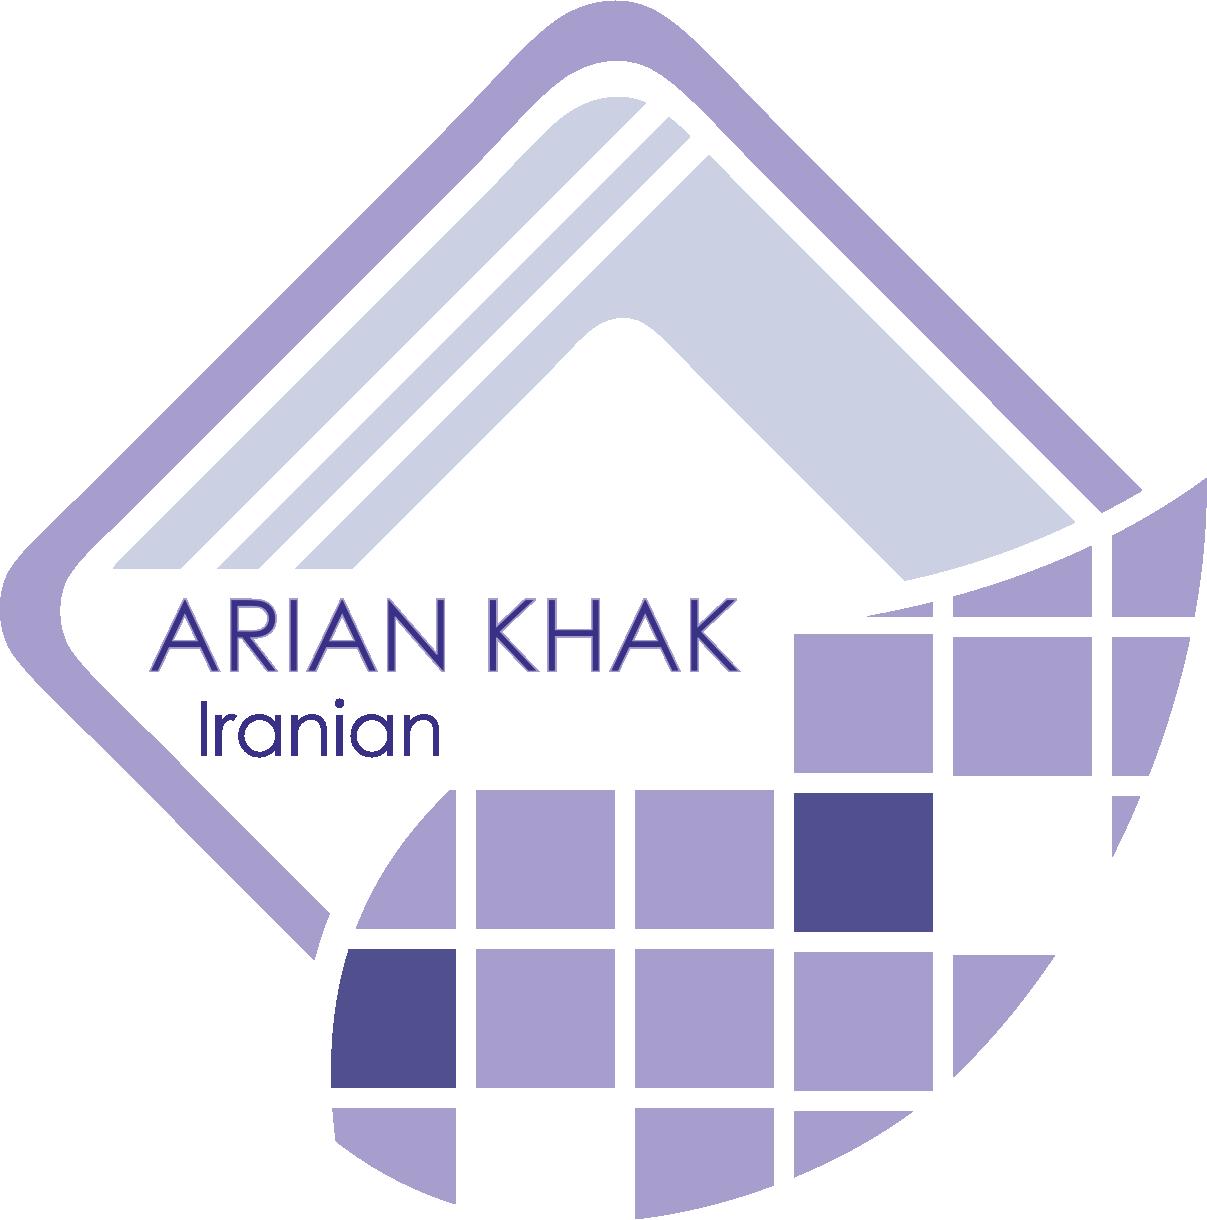 آرین خاک ایرانیان لوگو